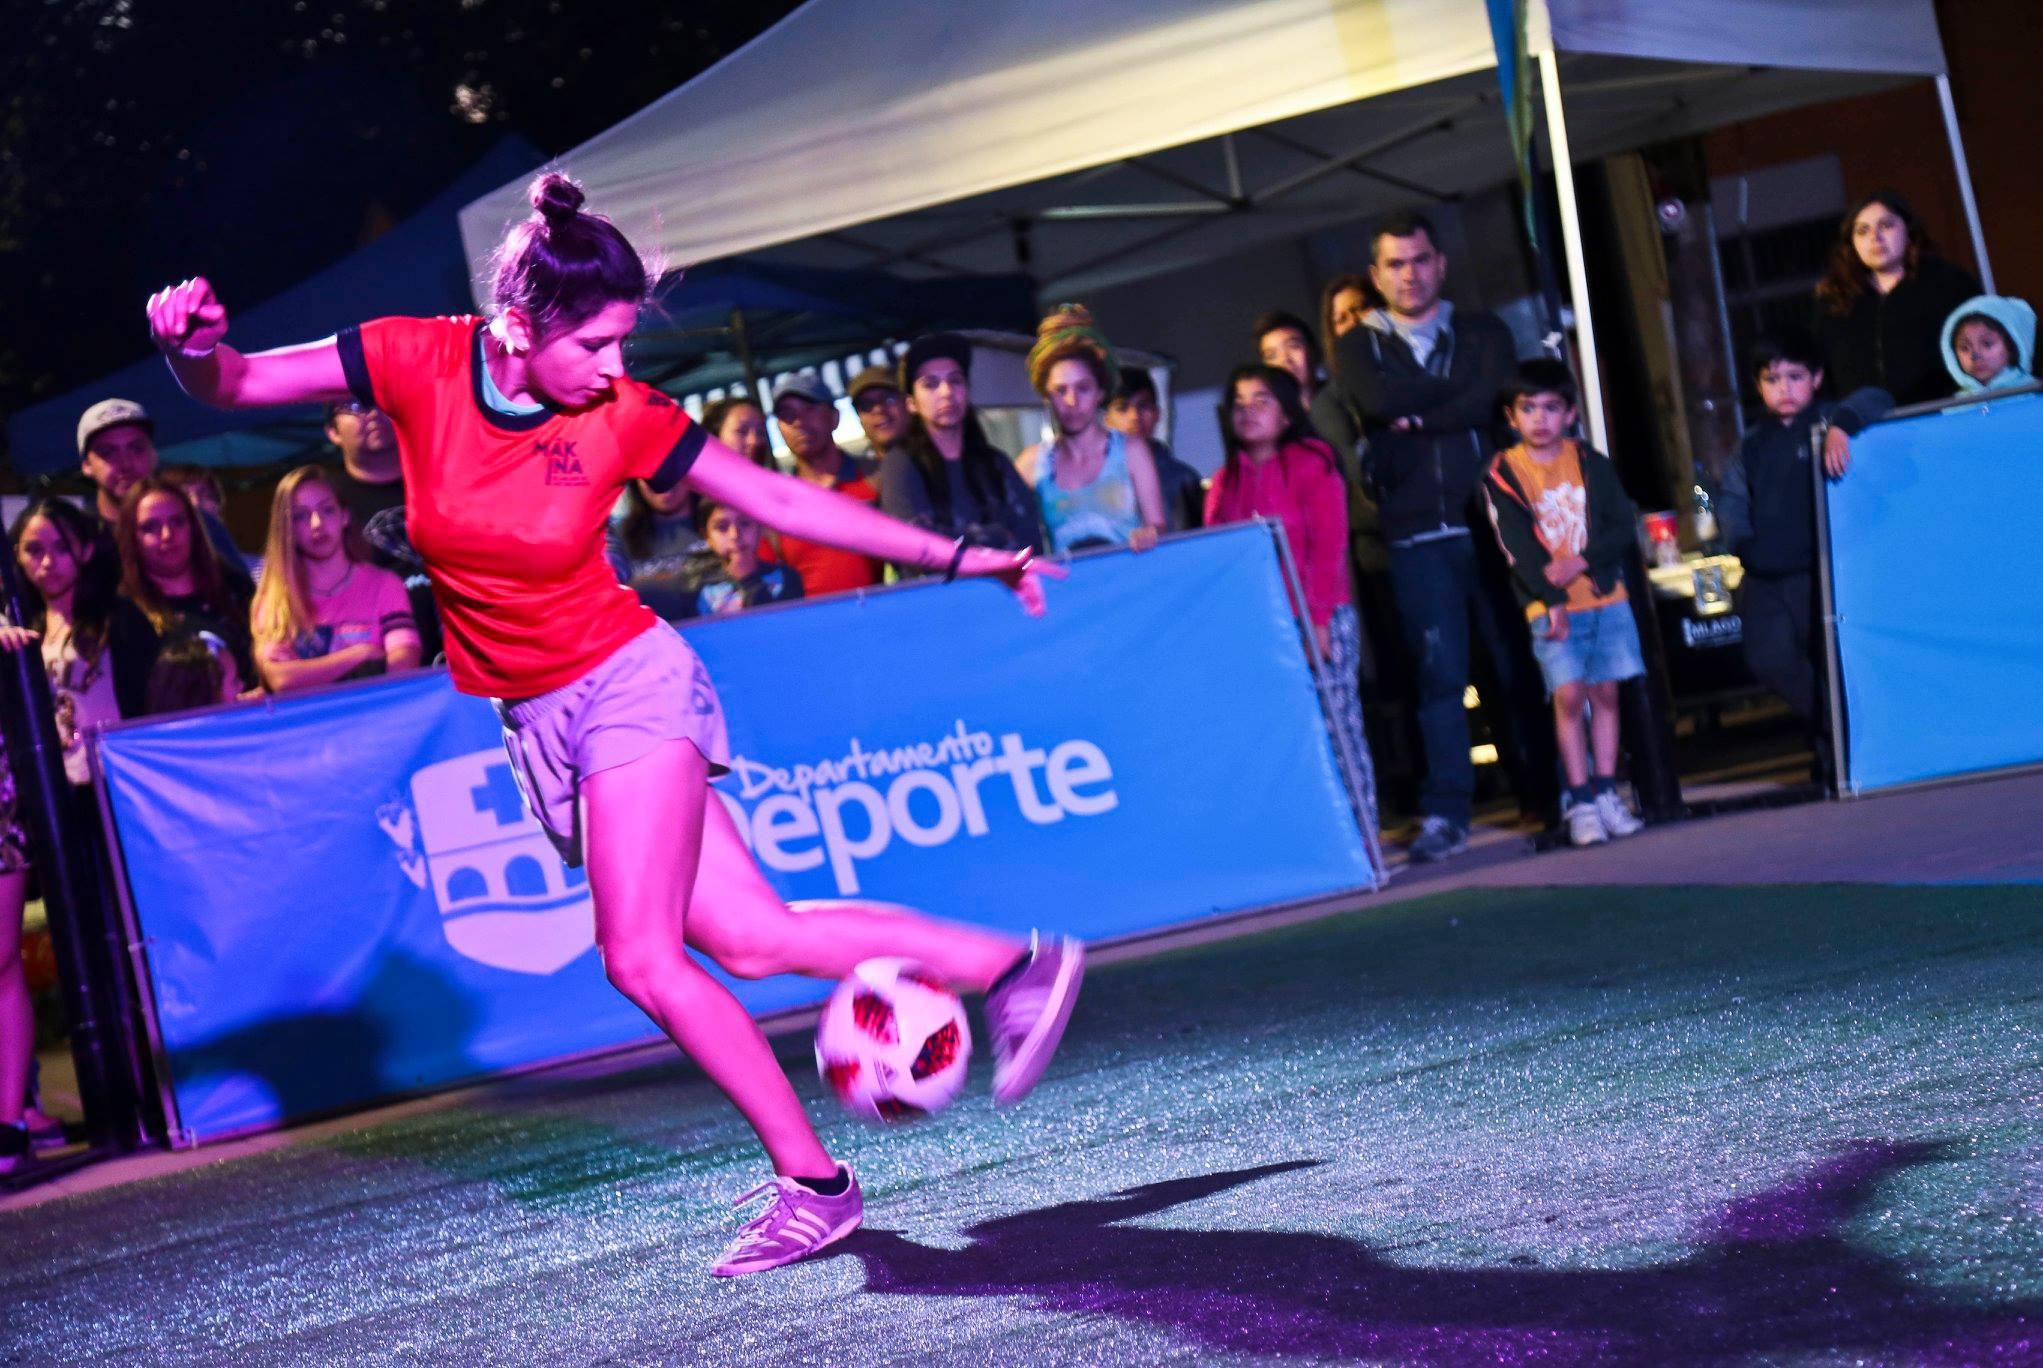 Freestyle y Slackline deportes urbanos que sorprendieron a los buinenses